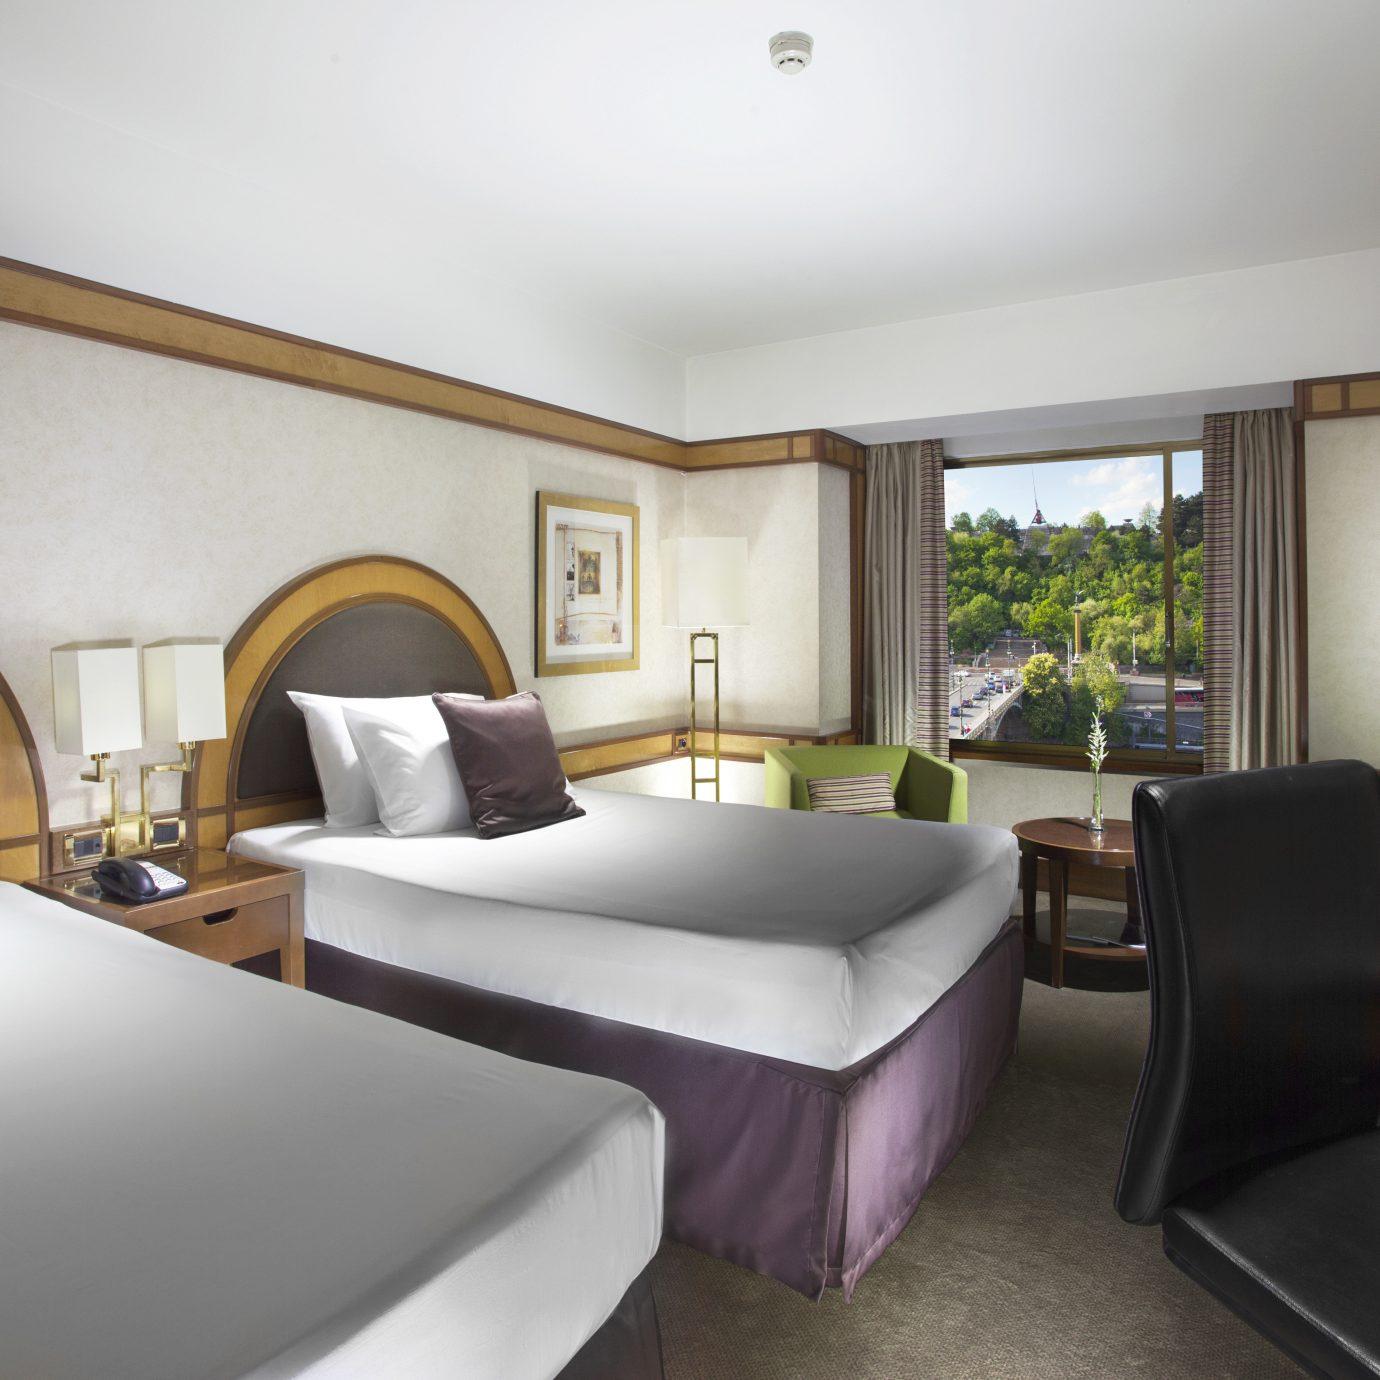 Bedroom Classic property Suite condominium living room cottage Villa